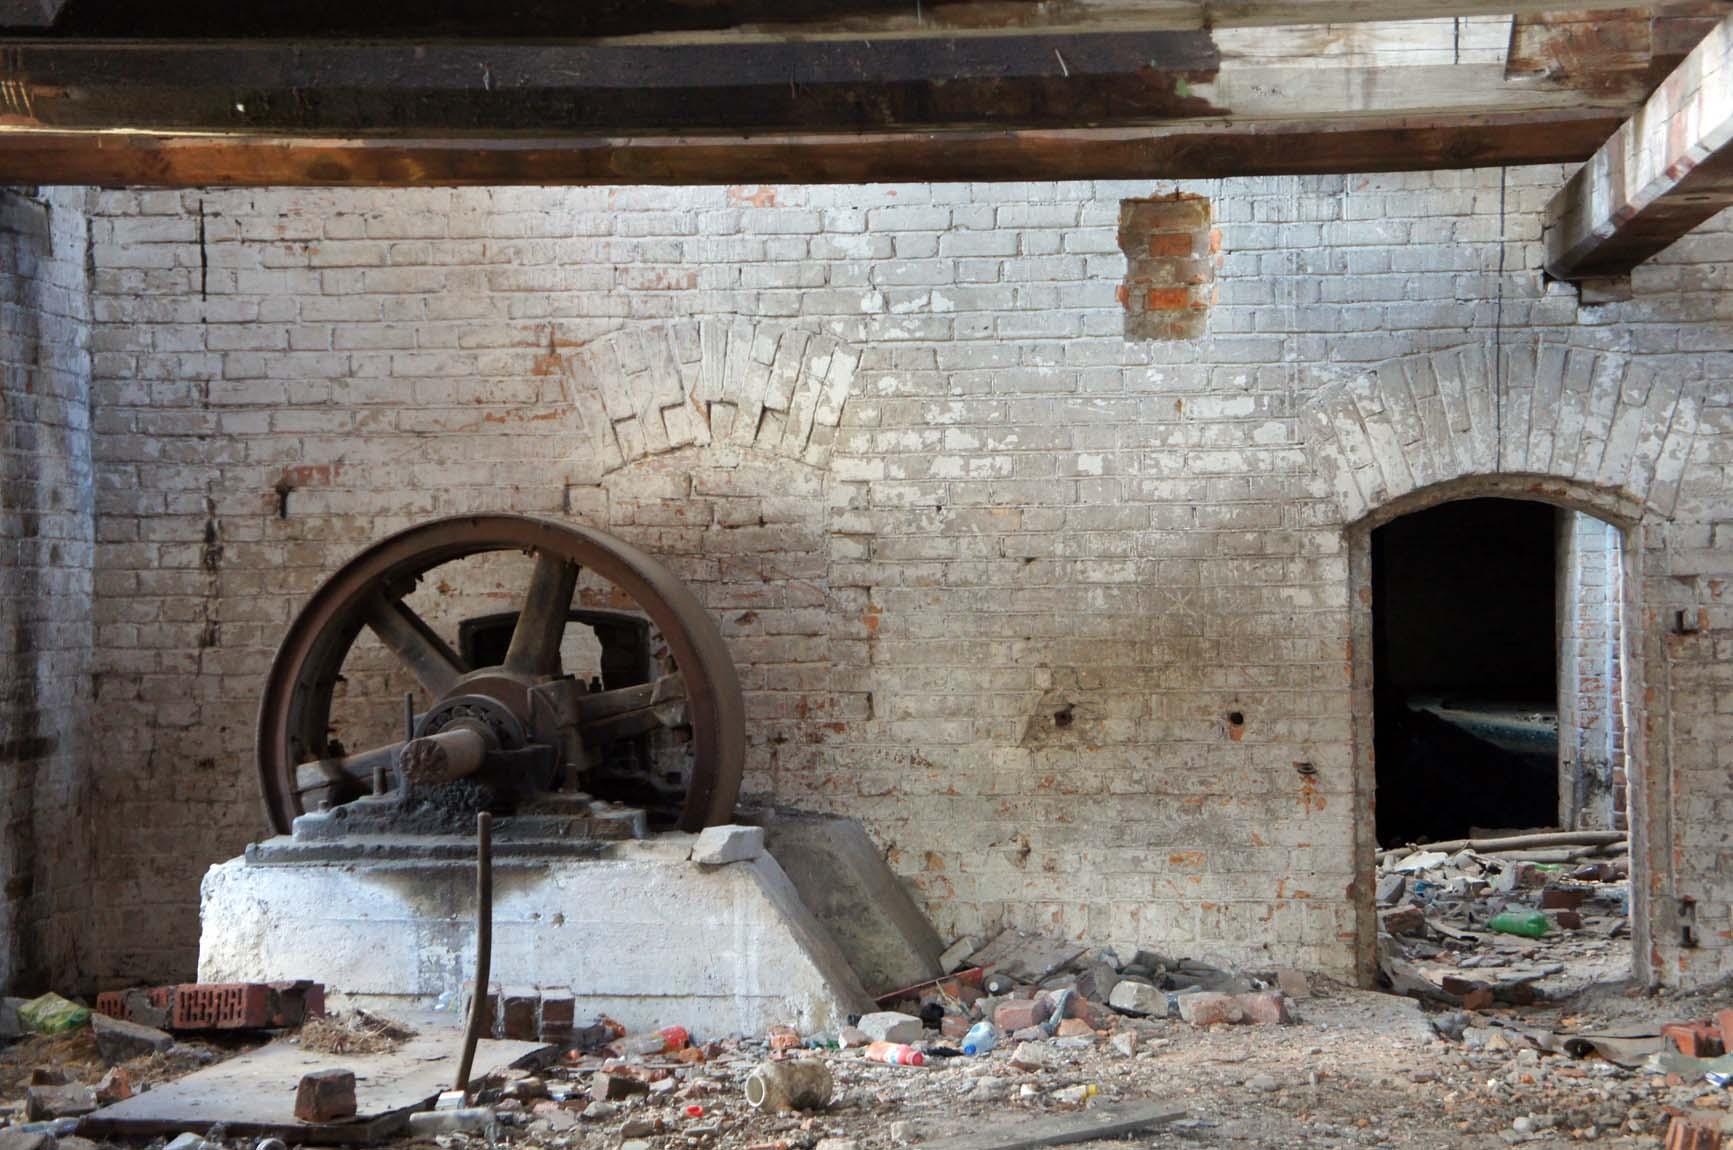 Ирбит. В здании мельницы запустение и остатки невыломанного оборудования